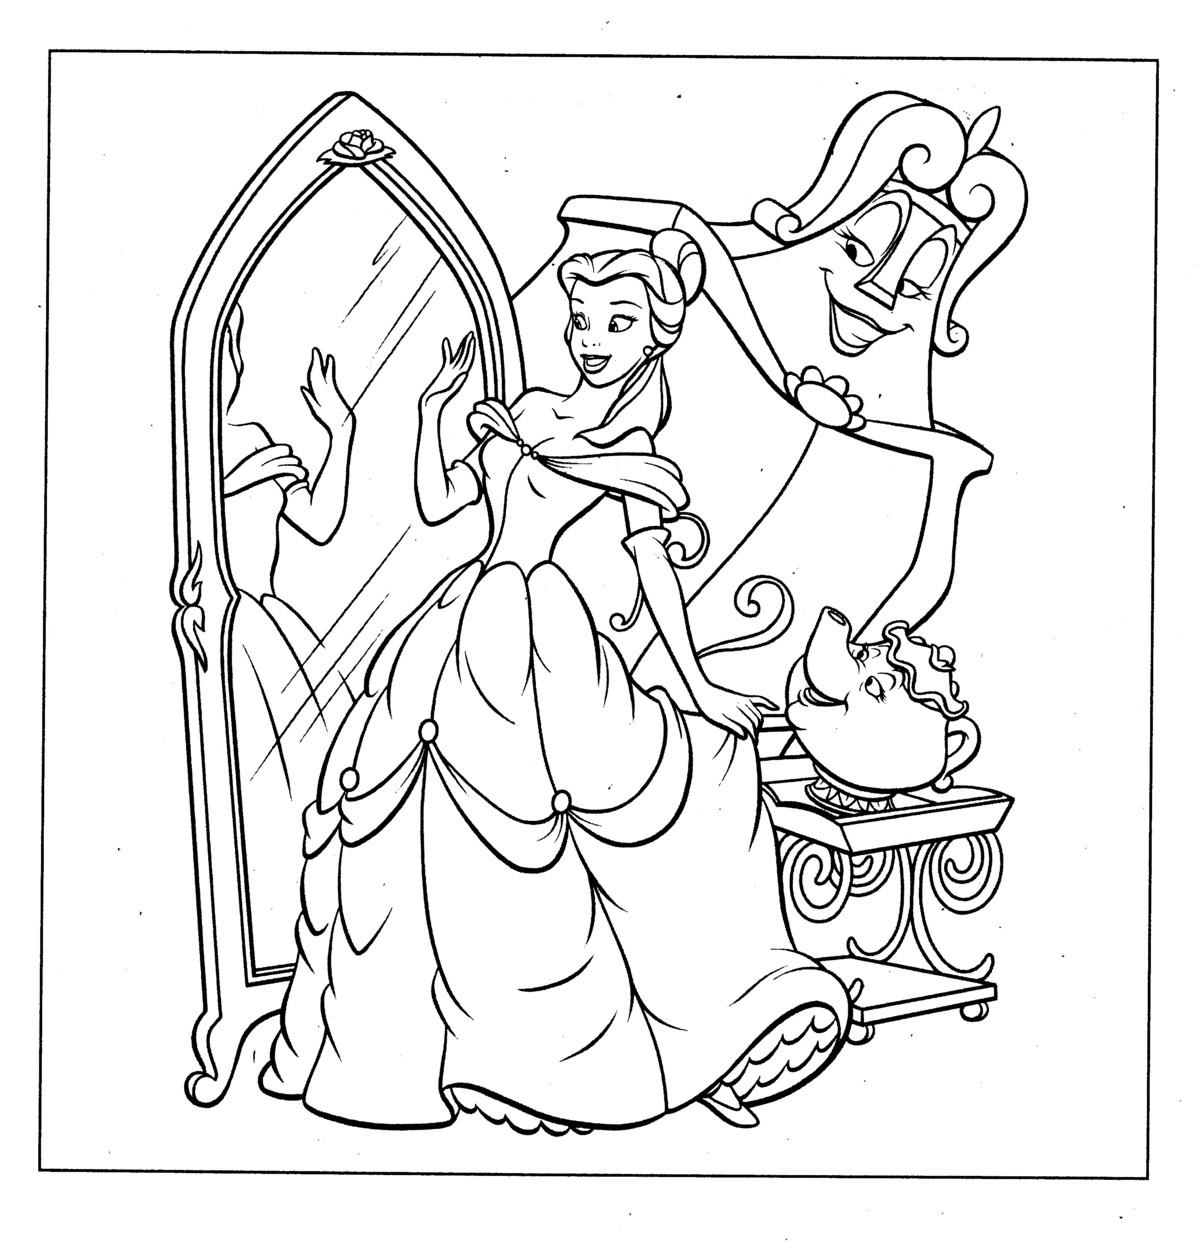 disney princess coloring sheets disney princess coloring pages minister coloring princess coloring sheets disney 1 1